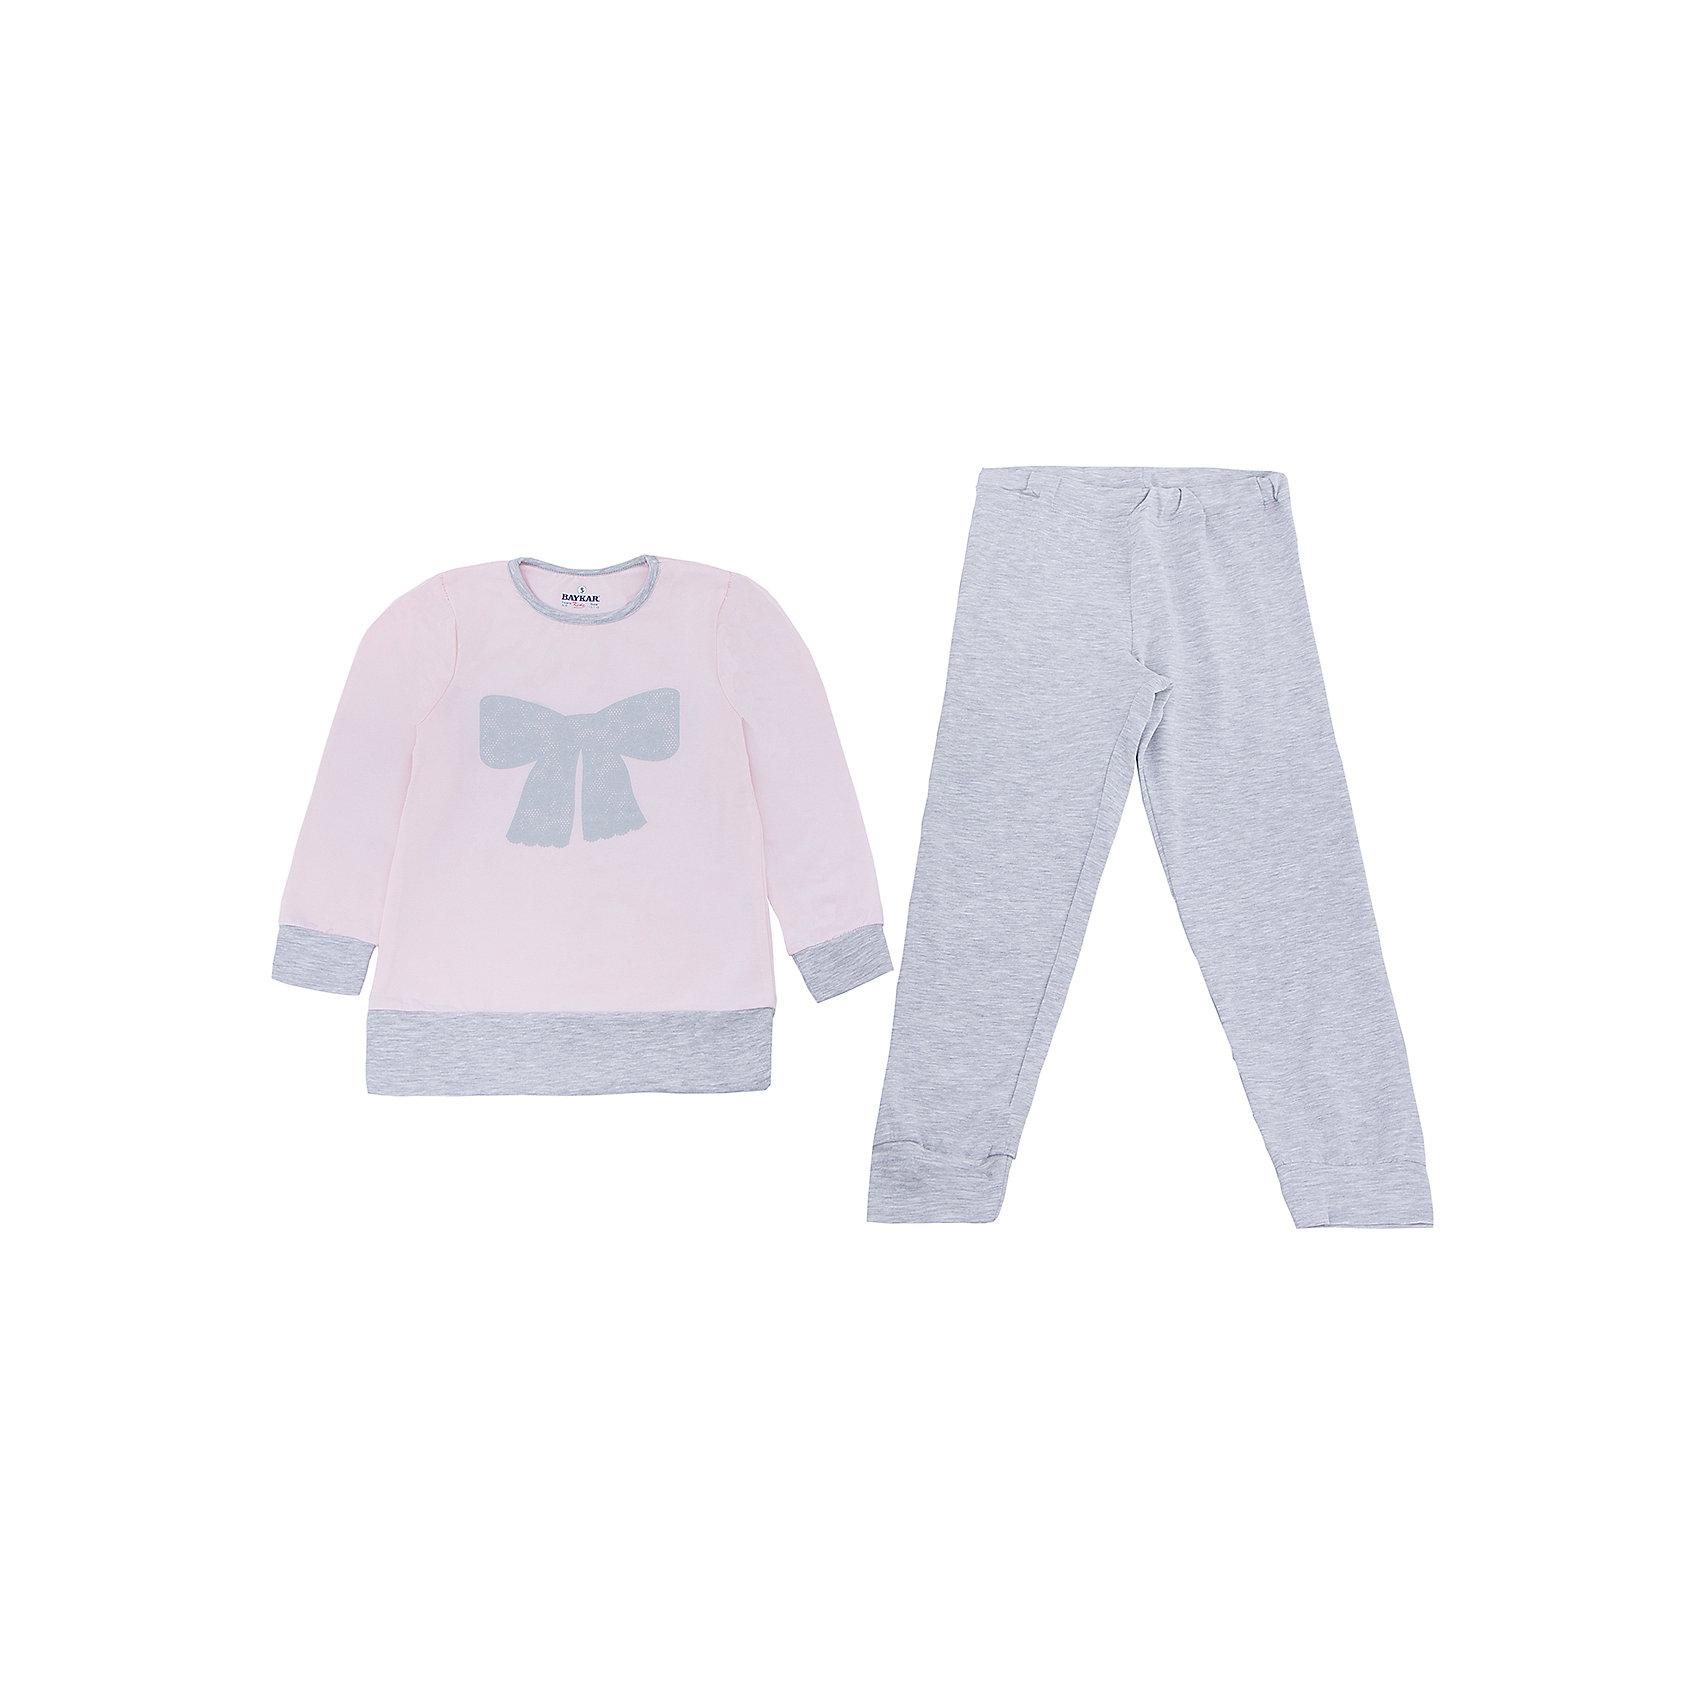 Пижама для девочки BaykarПижамы и сорочки<br>Характеристики товара:<br><br>• цвет: розовый<br>• состав ткани: 48% модал; 48% хлопок; 4% эластан<br>• комплектация: кофта, брюки<br>• пояс брюк: резинка<br>• манжеты<br>• сезон: круглый год<br>• страна бренда: Турция<br>• страна изготовитель: Турция<br><br>Качественная пижама для девочки позволяет обеспечить комфортный сон. Этот комплект для сна из кофты и брюк сделан из мягкого дышащего материала. <br><br>Пижама для девочки Baykar украшена симпатичным принтом. Мягкие манжеты обеспечивают комфортную посадку.<br><br>Пижаму для девочки Baykar (Байкар) можно купить в нашем интернет-магазине.<br><br>Ширина мм: 281<br>Глубина мм: 70<br>Высота мм: 188<br>Вес г: 295<br>Цвет: розовый<br>Возраст от месяцев: 72<br>Возраст до месяцев: 84<br>Пол: Женский<br>Возраст: Детский<br>Размер: 116/122,110/116,98/104,104/110<br>SKU: 6764714